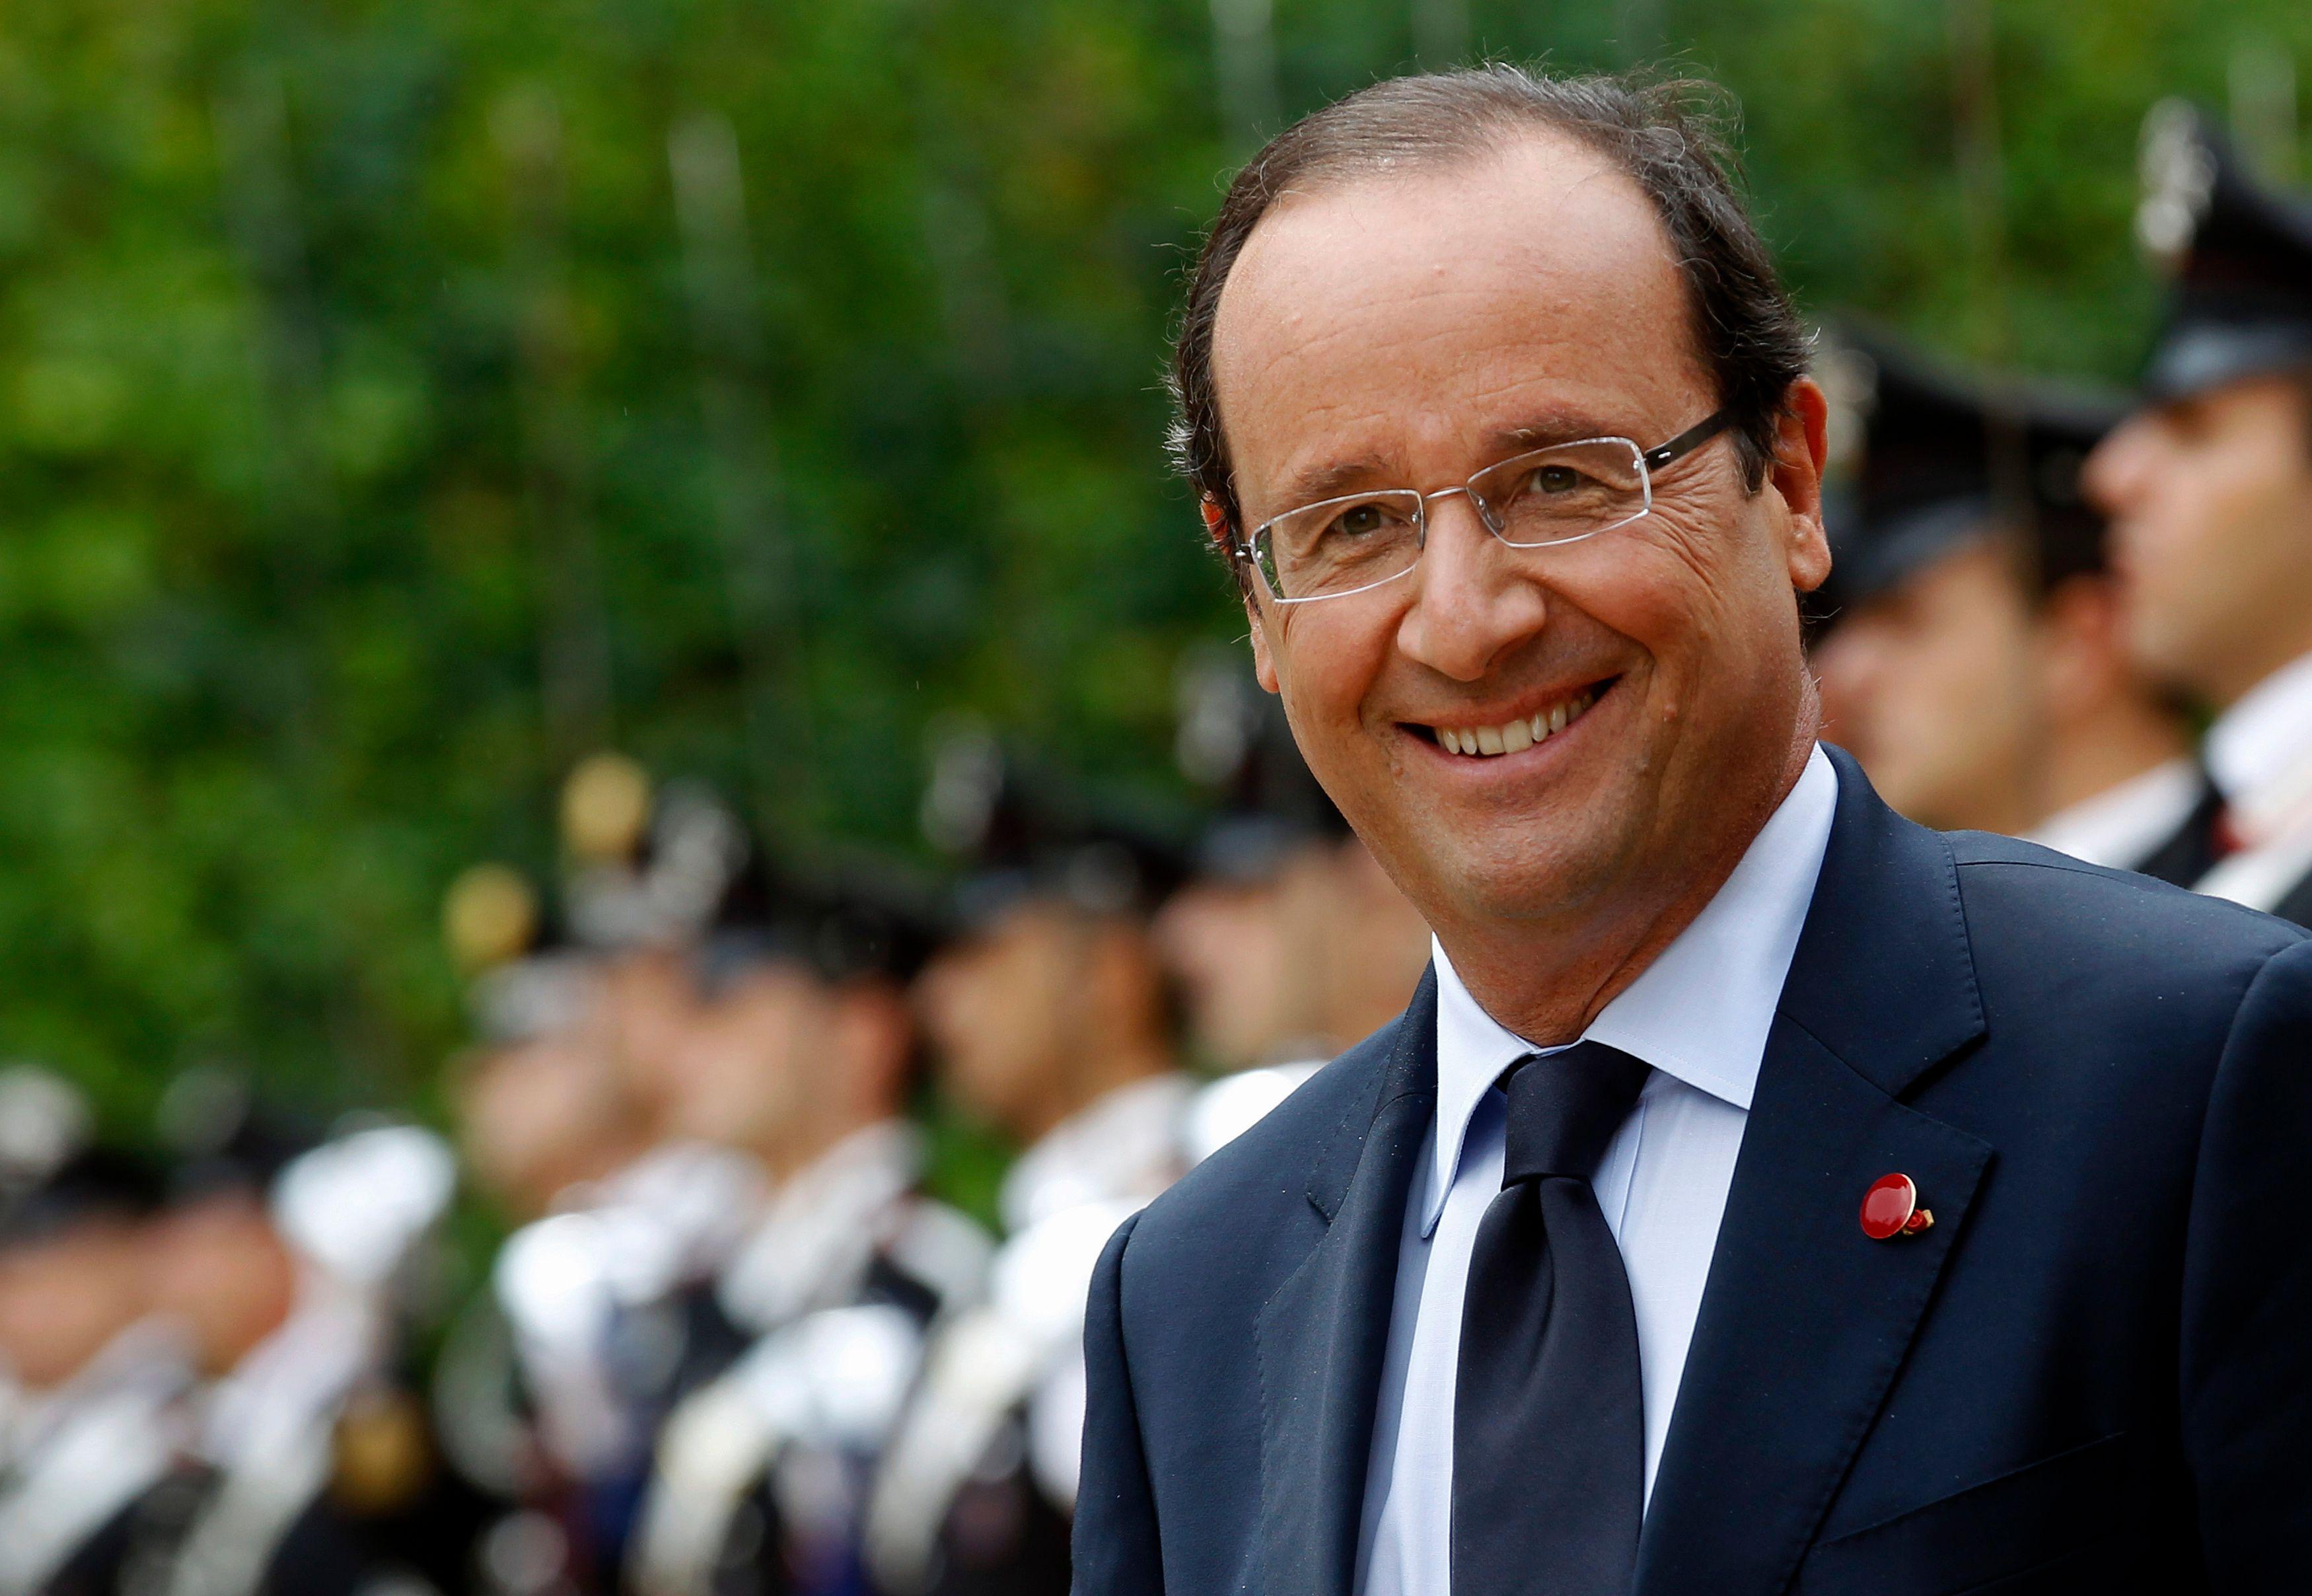 François Hollande remporte le Grand prix 2017 de l'humour politique... et vient chercher le trophée